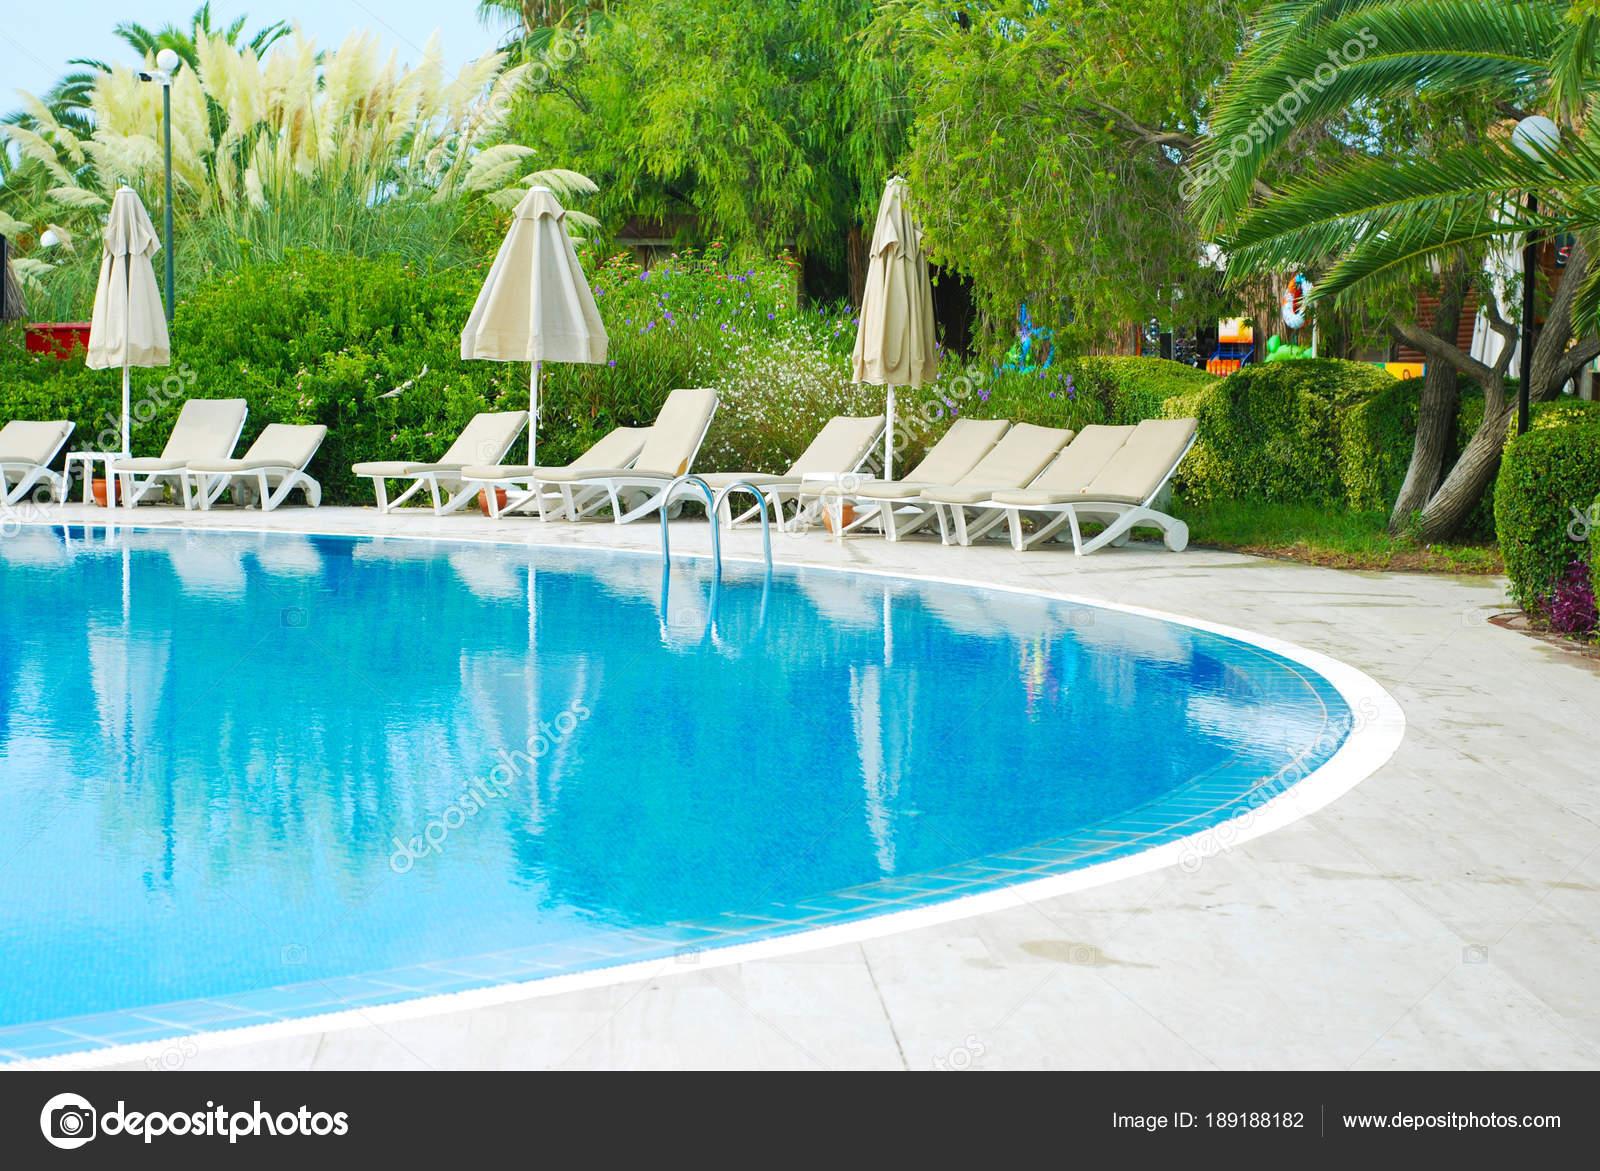 Schoner Swimmingpool Des Hotels Luxusresort Mit Sonnenschirm Und